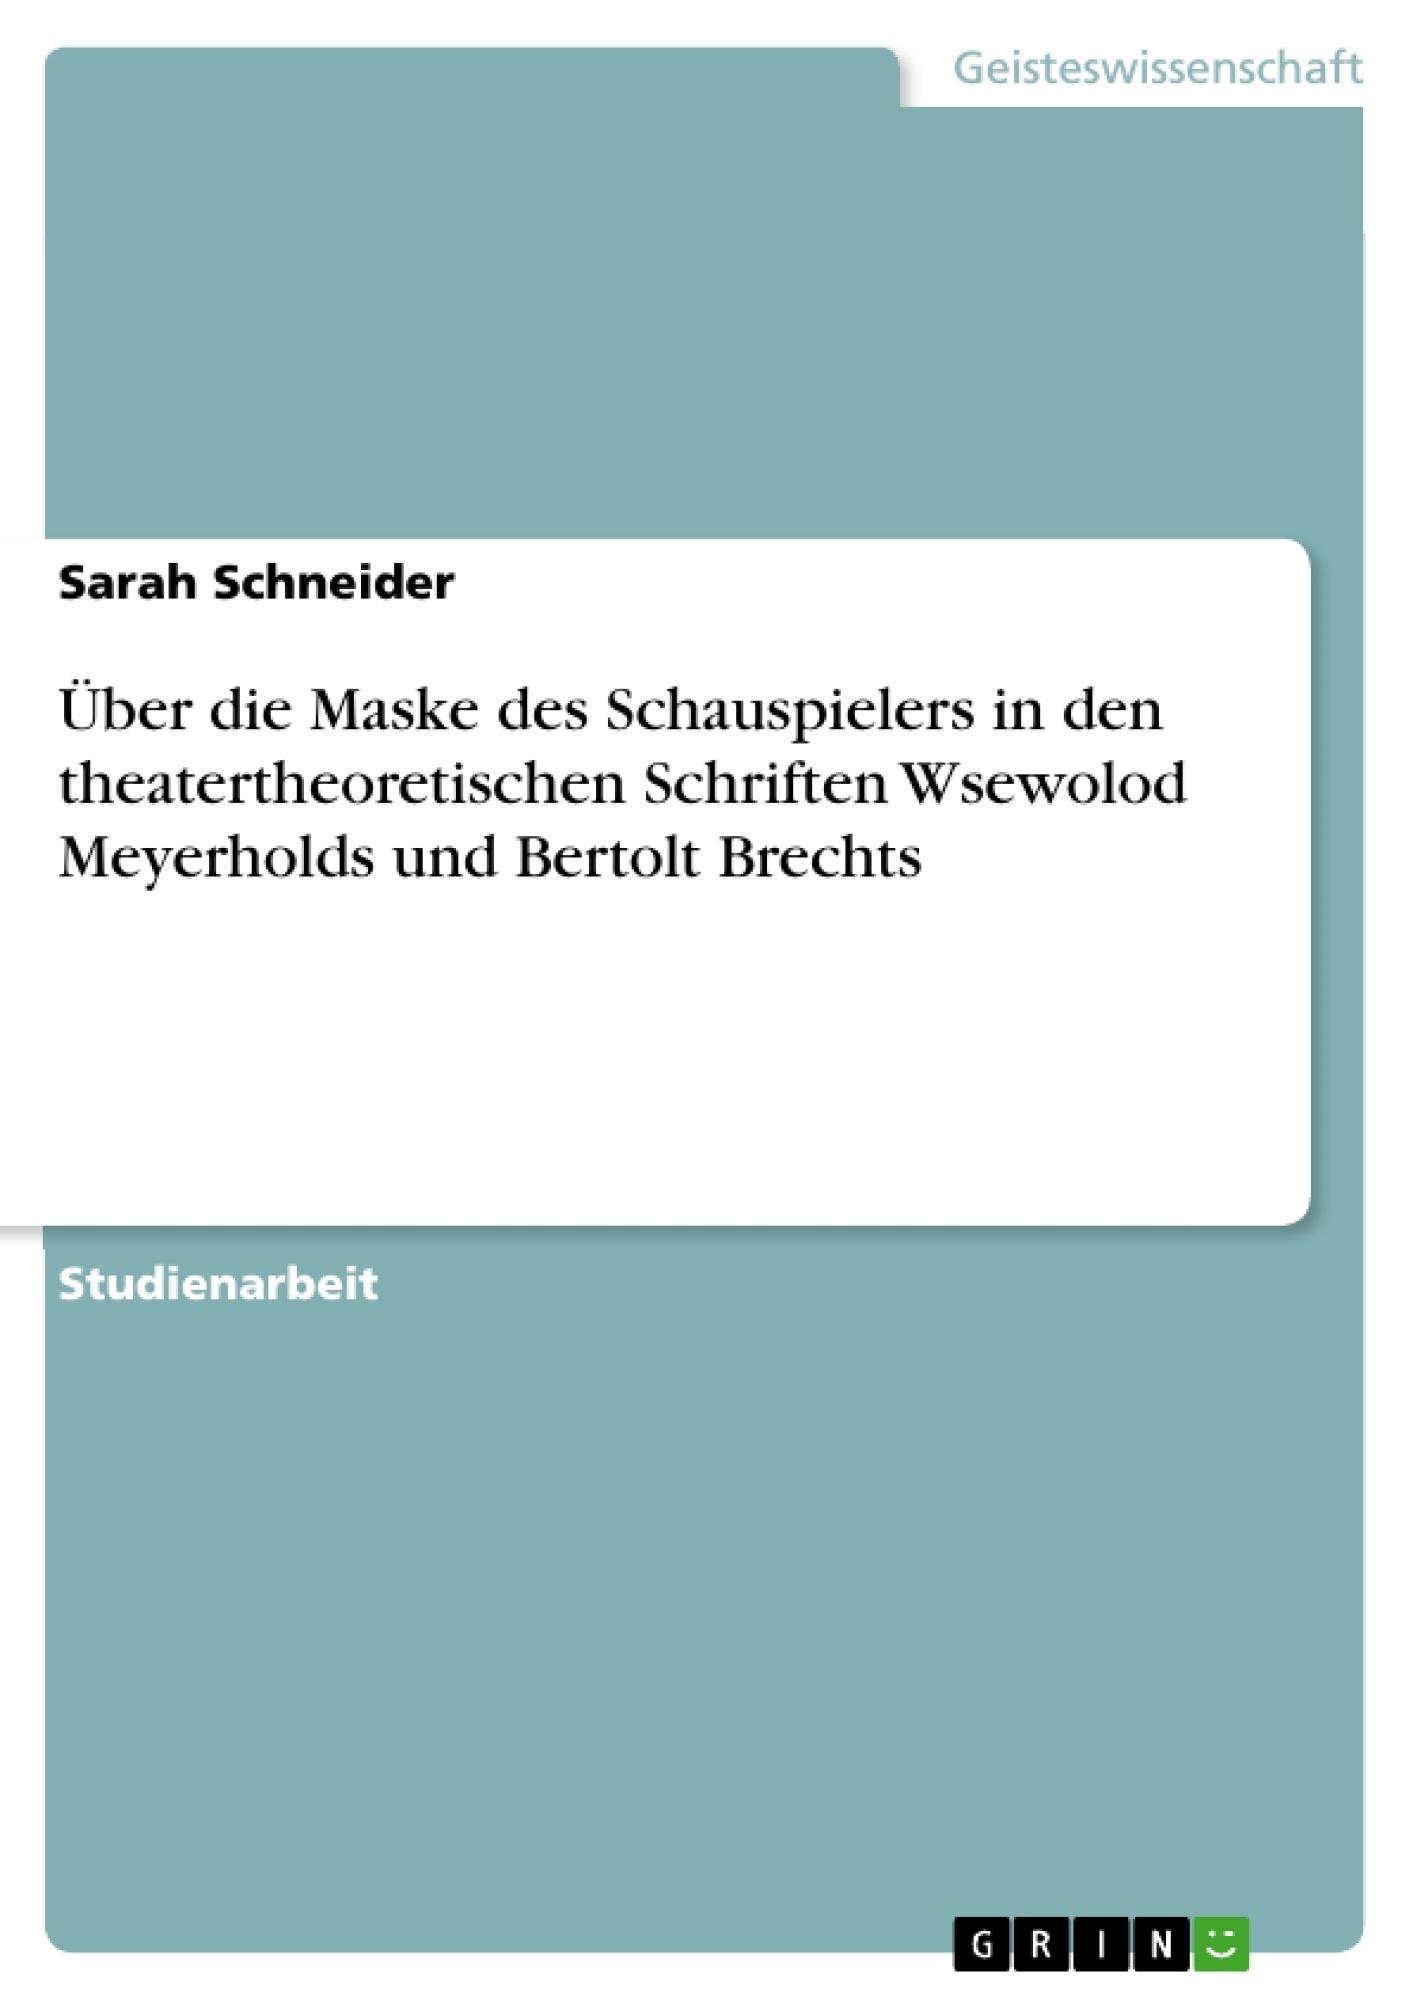 Titel: Über die Maske des Schauspielers in den theatertheoretischen Schriften Wsewolod Meyerholds und Bertolt Brechts